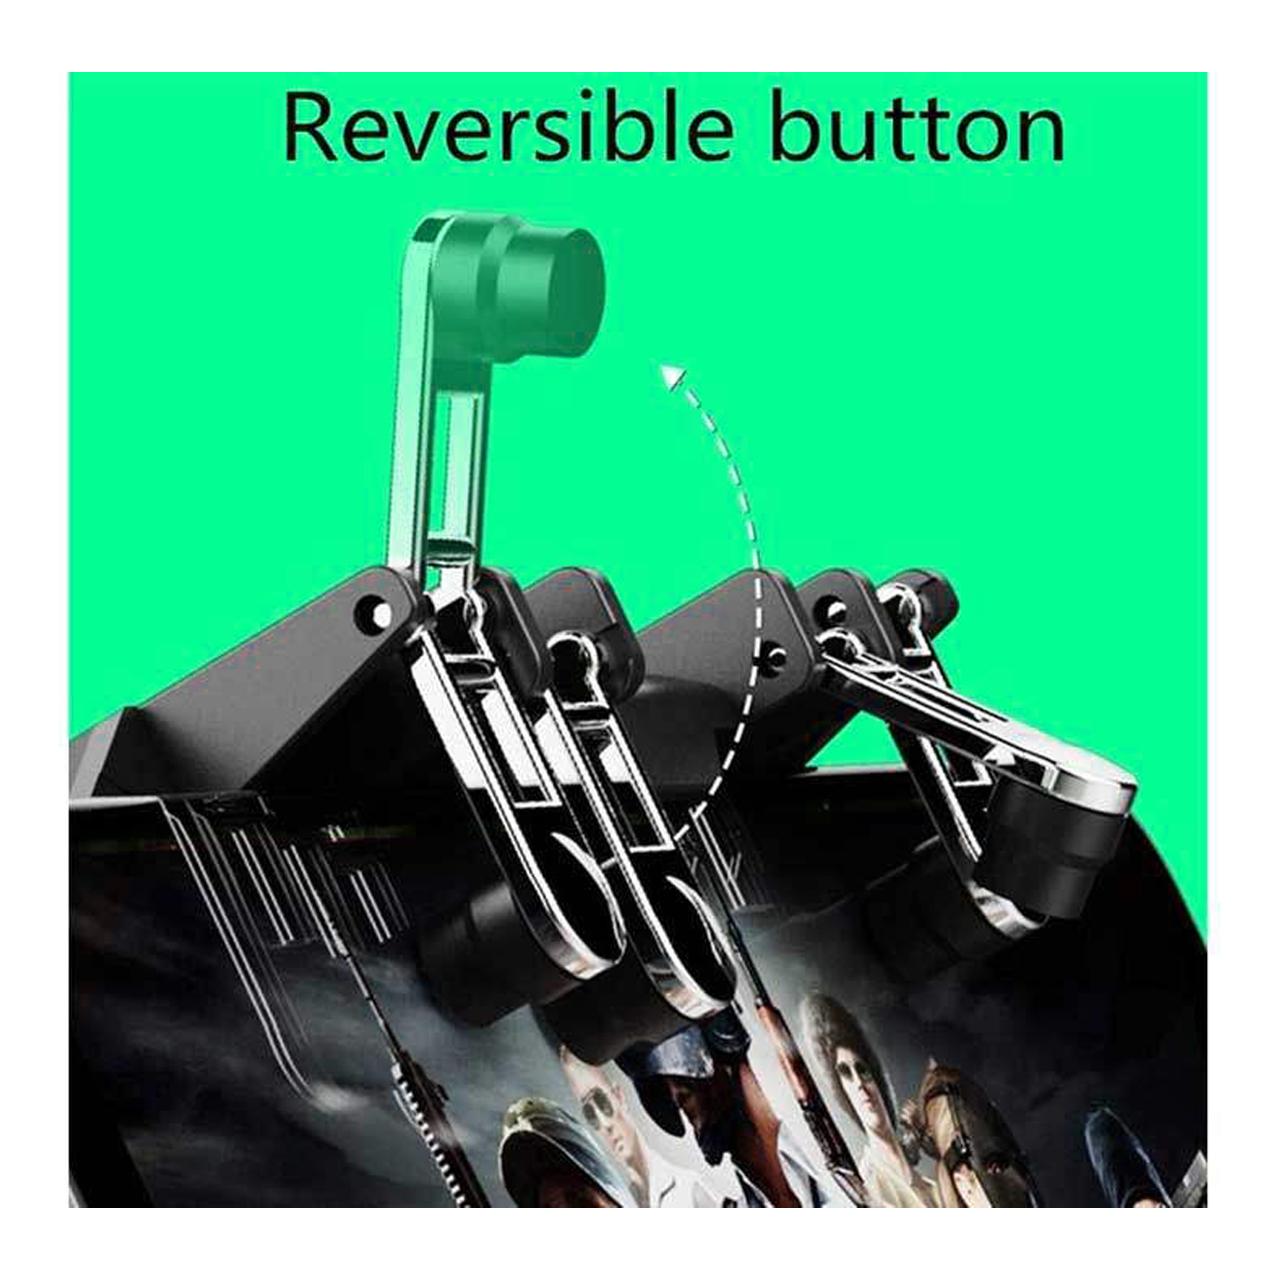 دسته بازی PubG ممو مدل AK66 به همراه آستین کنترل کننده انگشت